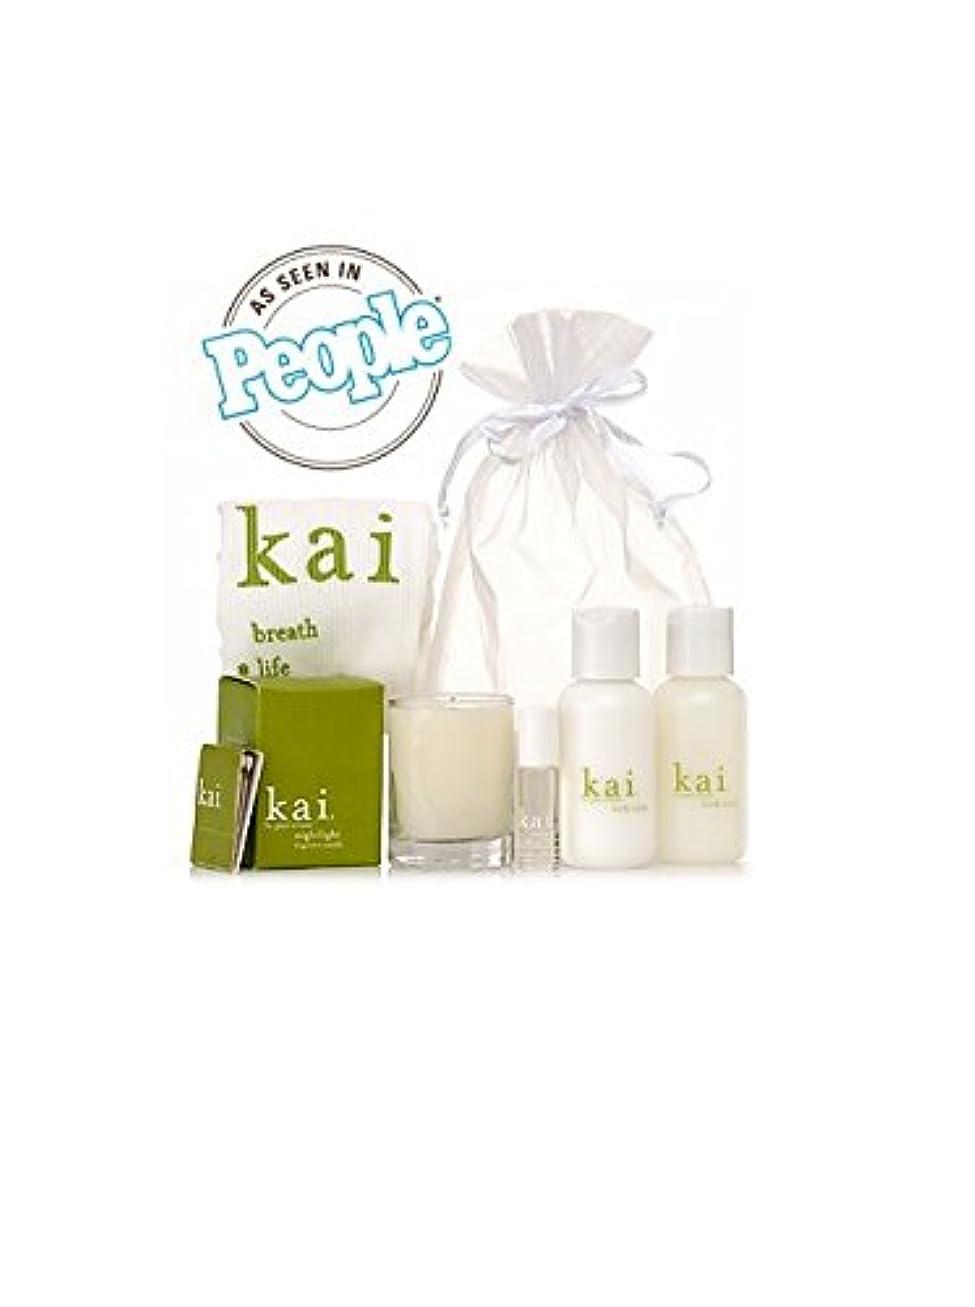 逸話戦争技術者Kai gift bag (カイ ギフトバッグ) for Women